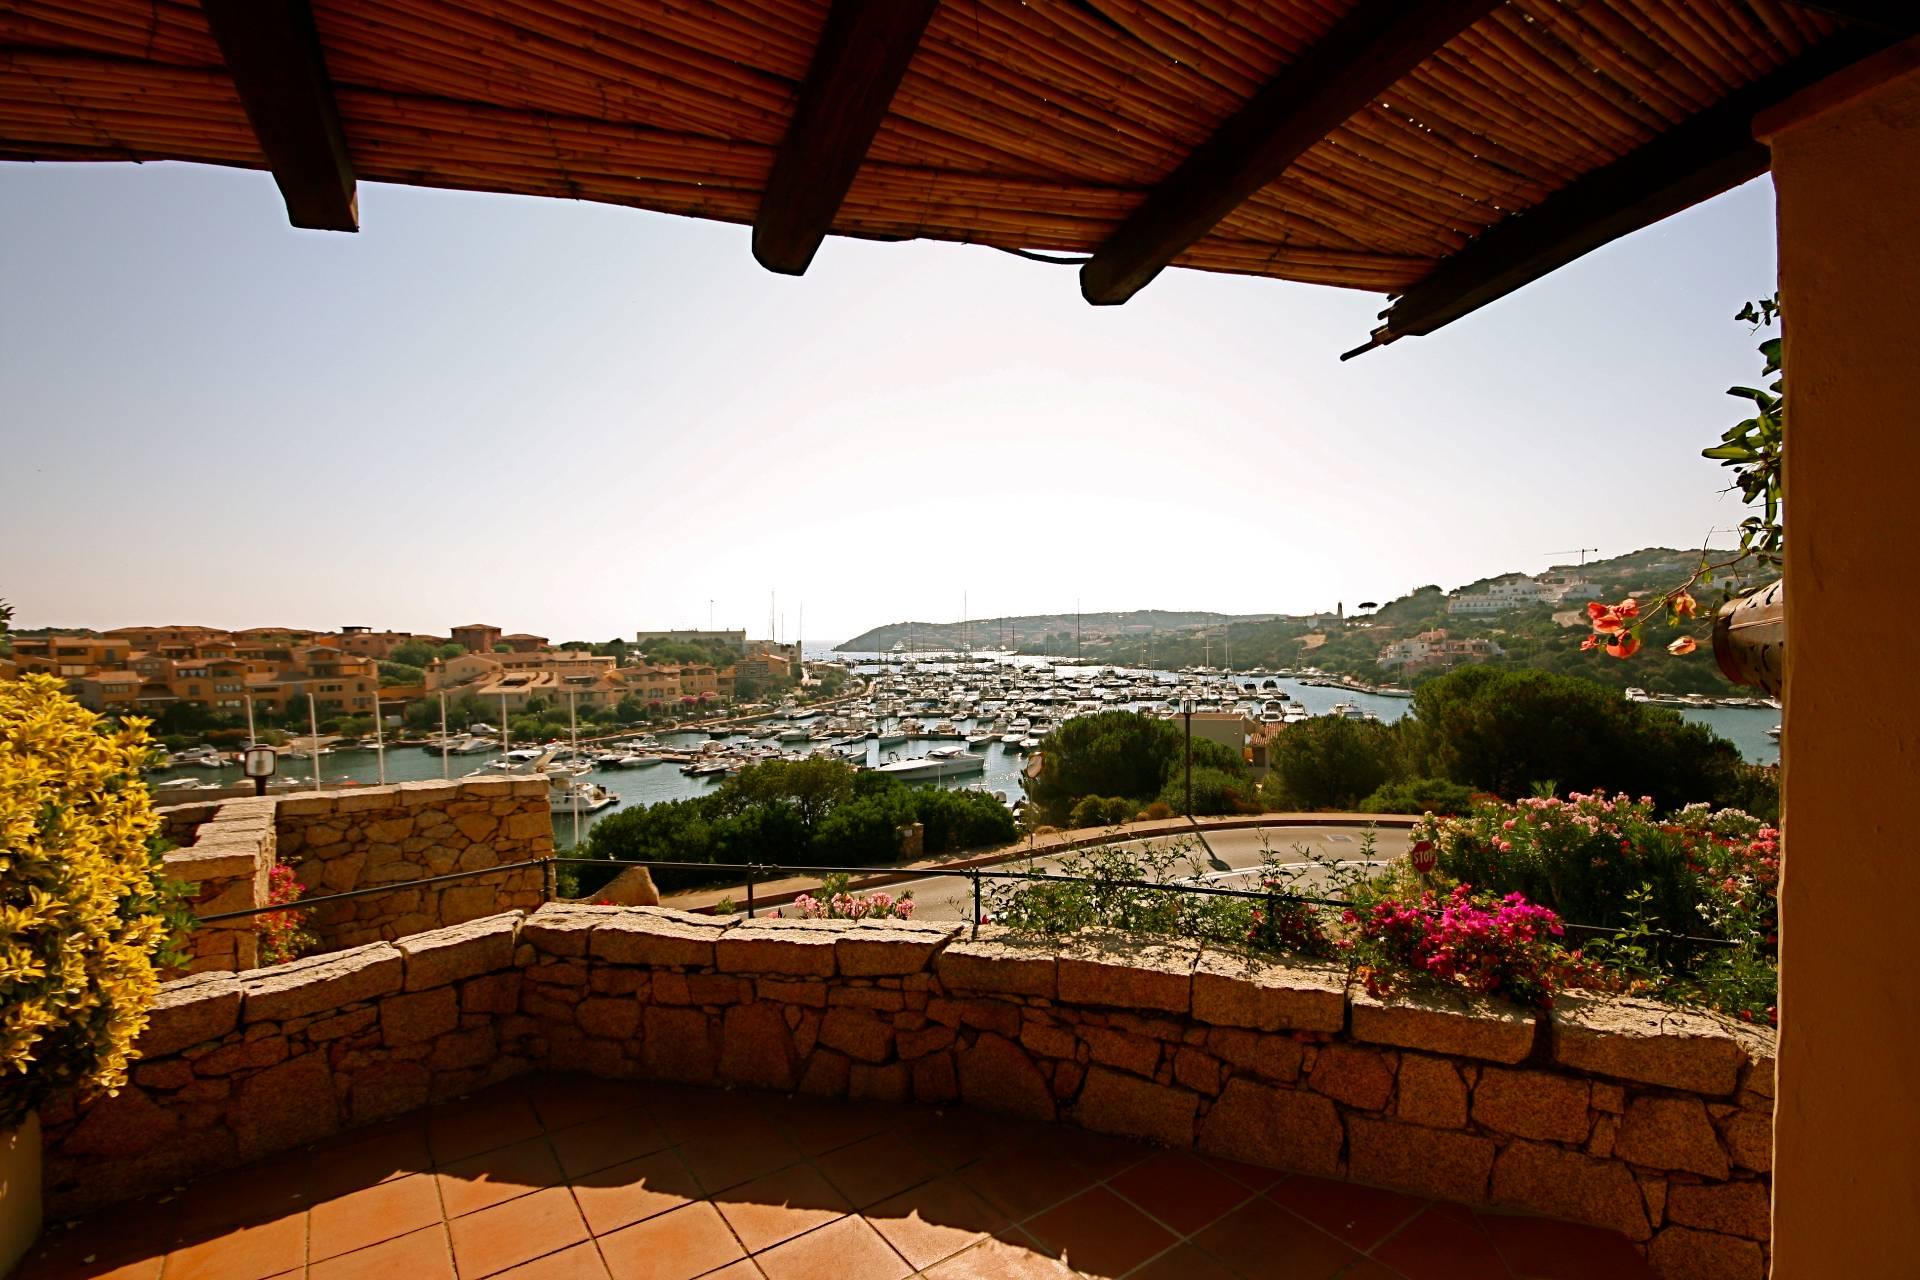 Appartamento in vendita a Arzachena - Porto Cervo, 6 locali, zona Località: PortoCervo, prezzo € 850.000 | CambioCasa.it